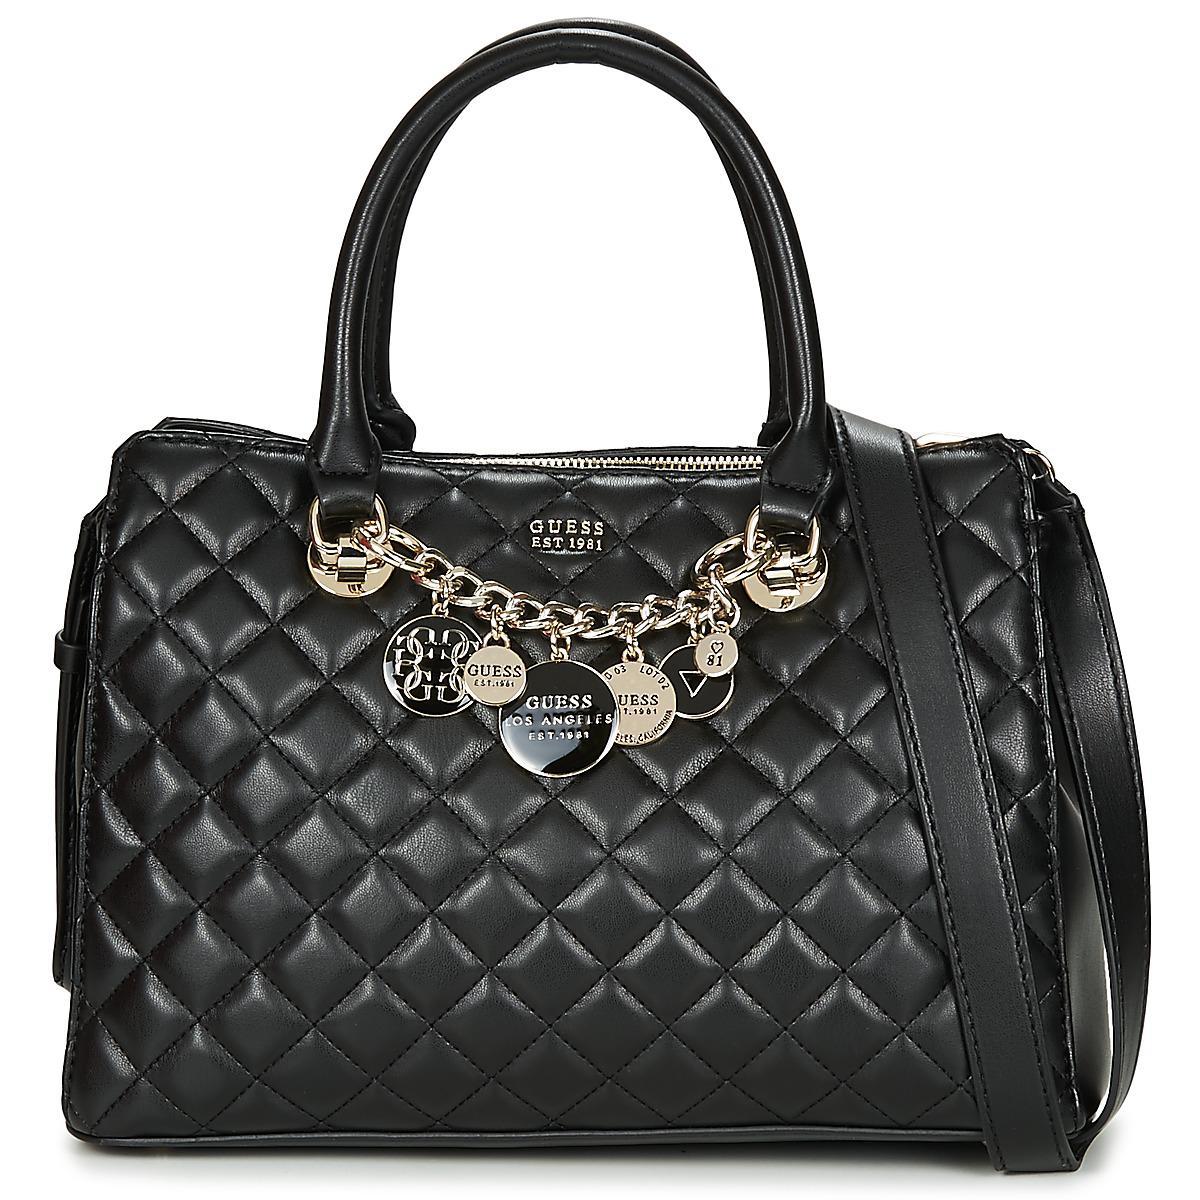 Main Noir Victoria En Satchel Guess Luxury À Femmes Sac Lyst Pour FJcuK1Tl3